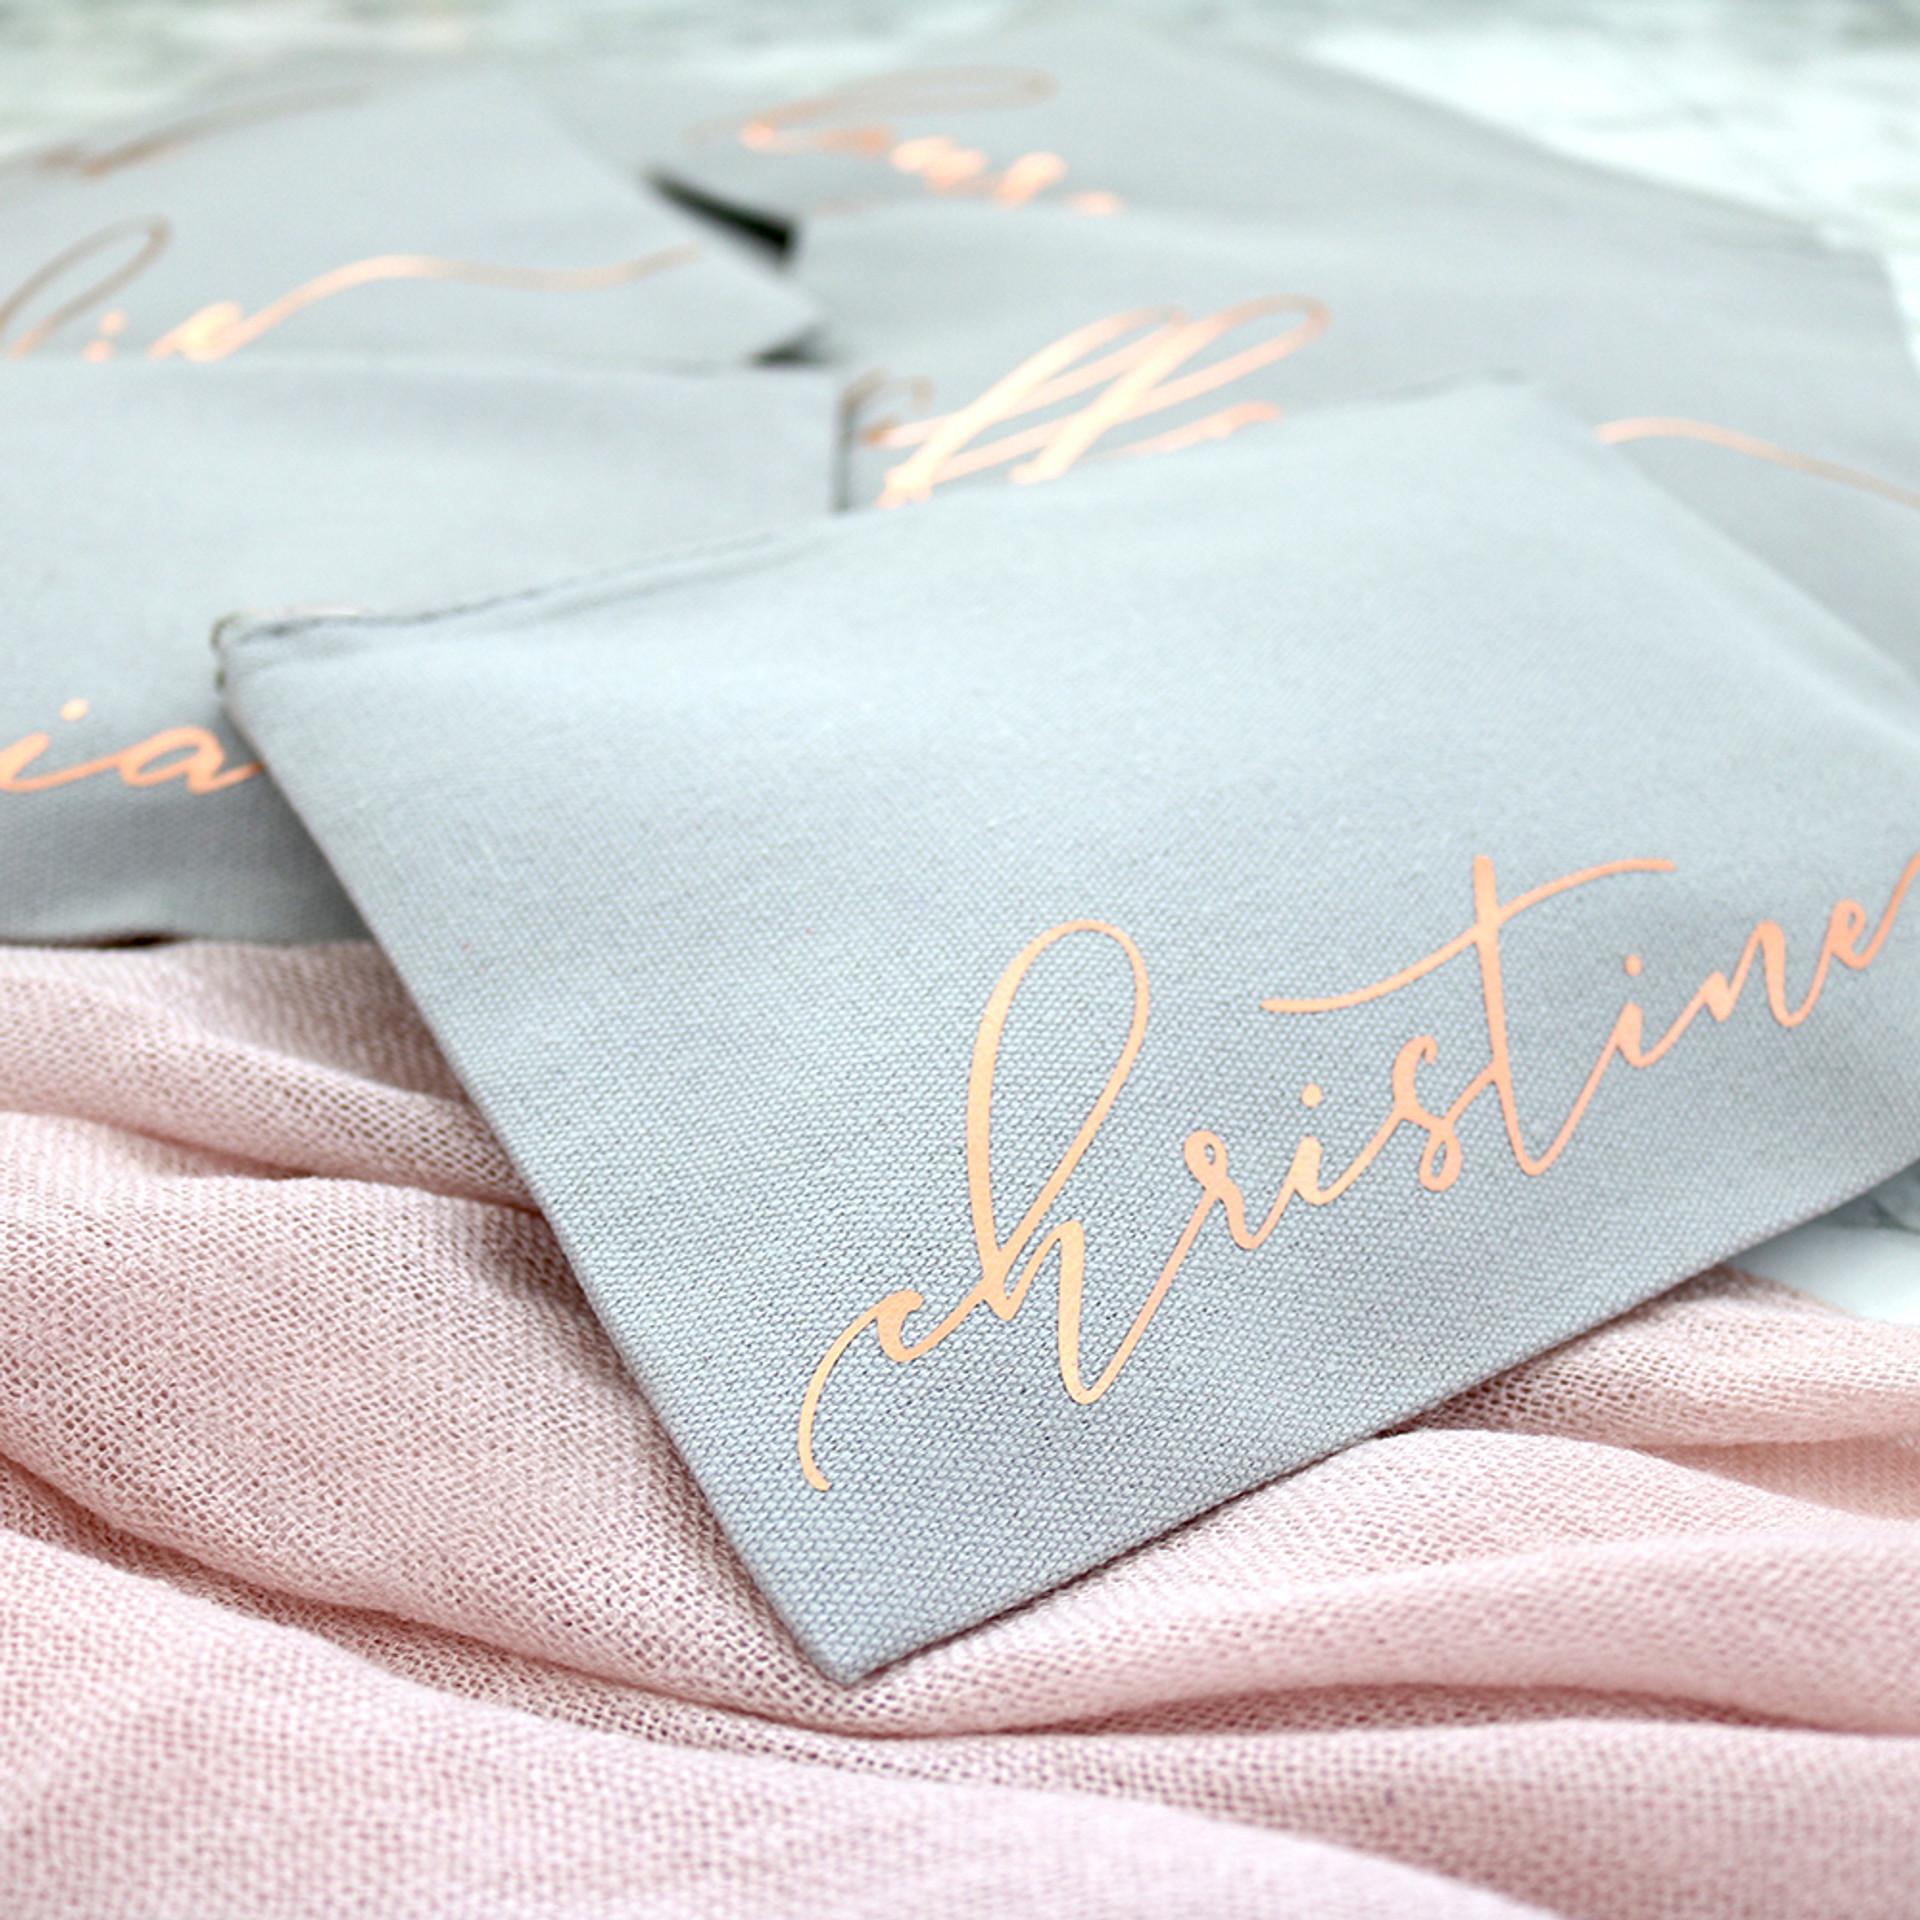 Personalized Monogram Makeup Bag - Rose Gold Zip